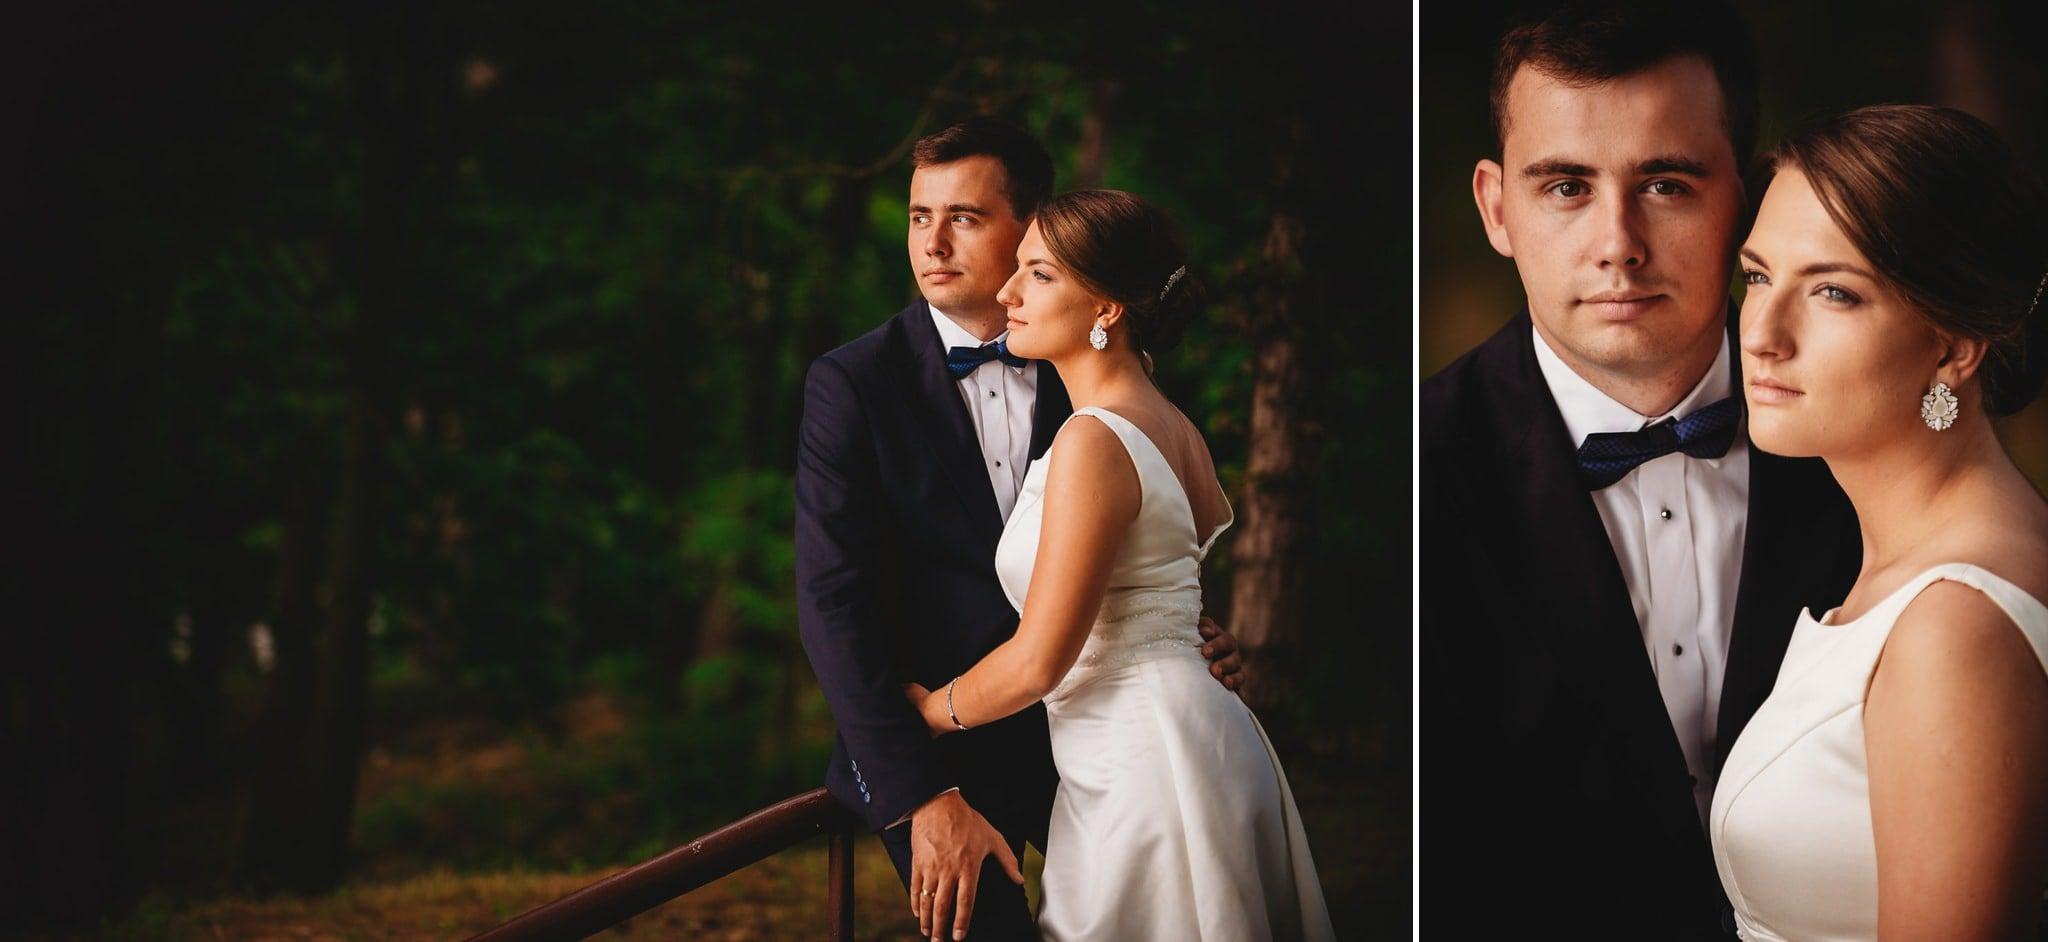 fotograf Koło, fotografia ślubna, zdjęcia ślubne,